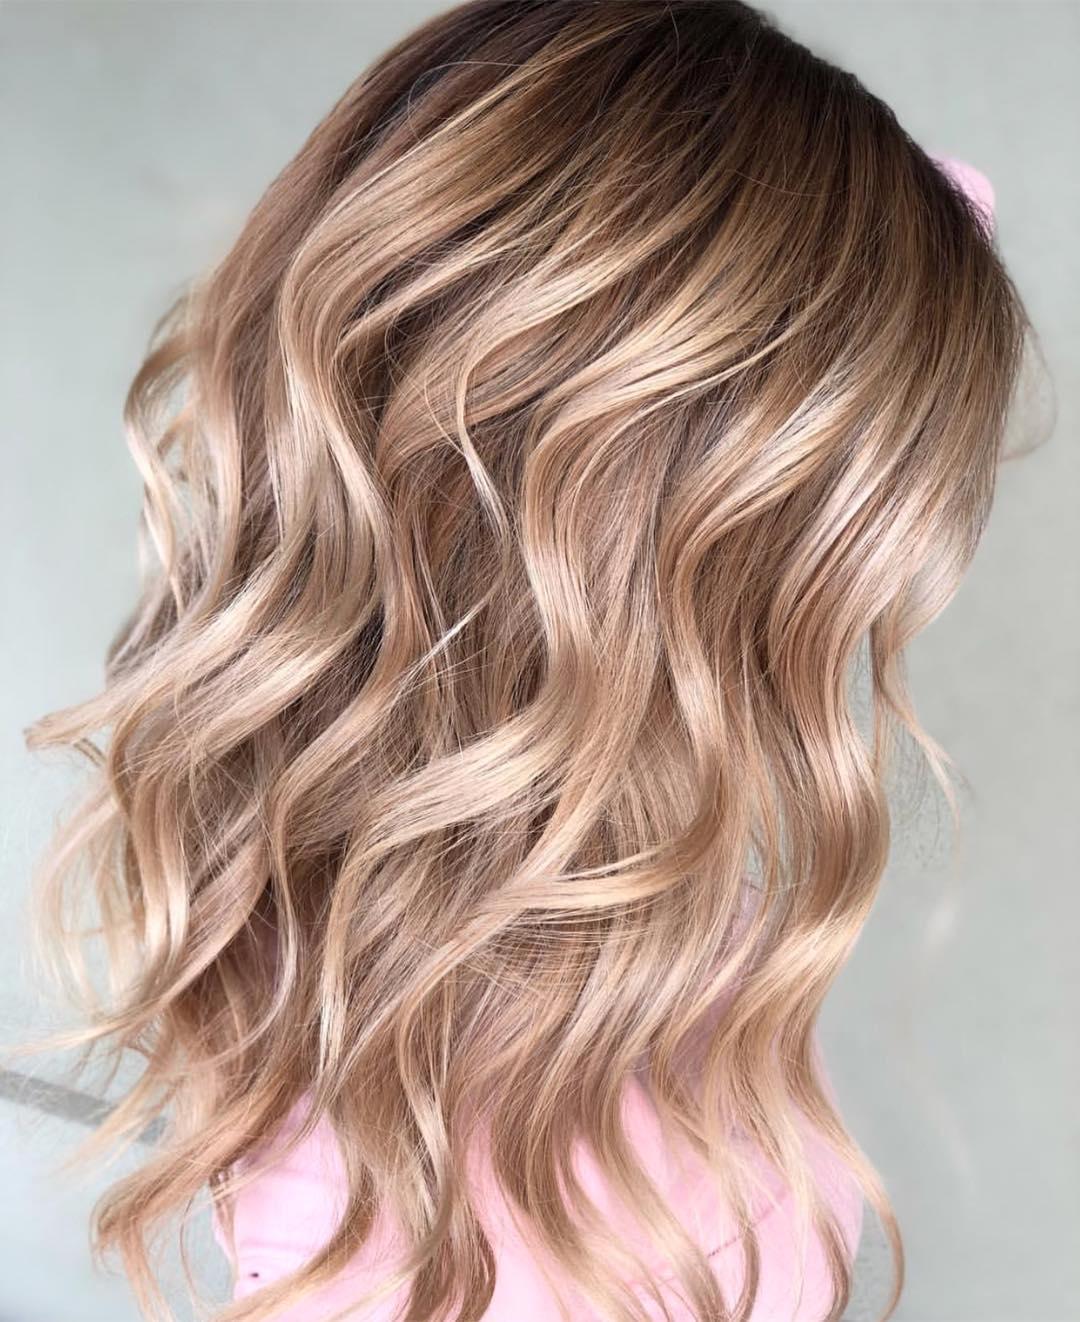 Pomysł Na Jasne Włosy Najbardziej Zjawiskowe Odcienie Blondu Wp